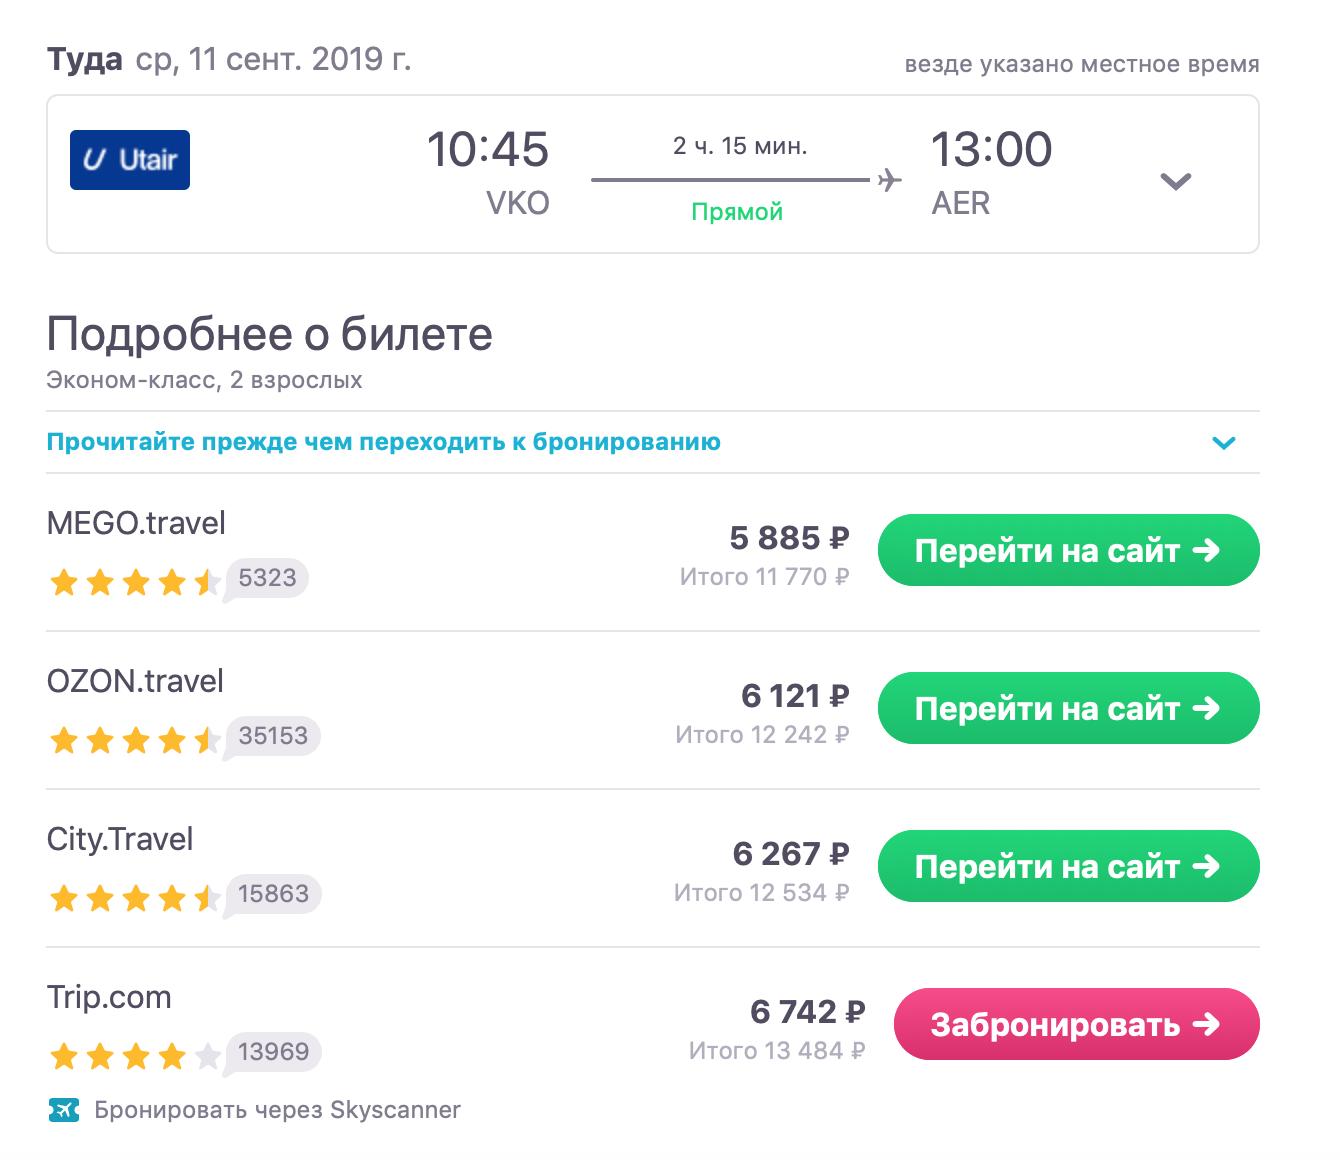 Что такое промо-реклама или btl-реклама, как ее принято называть promobank.ru